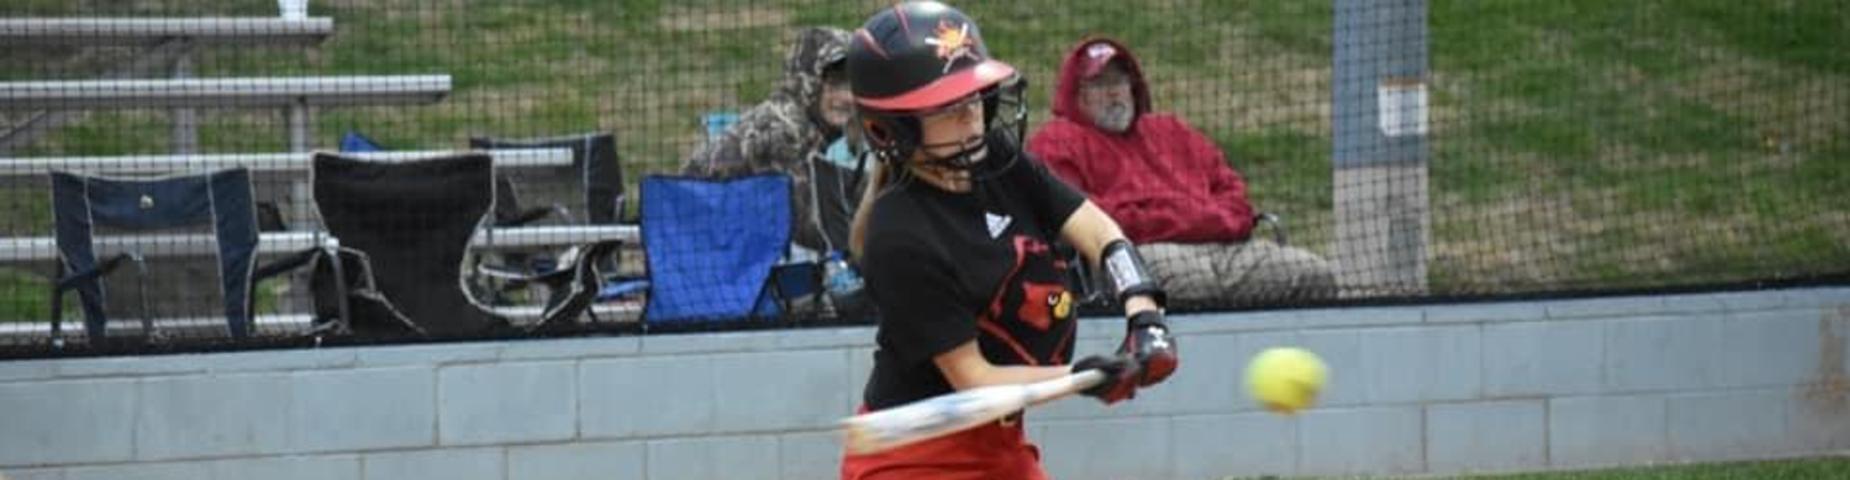 MHS Softball Samantha Hurt